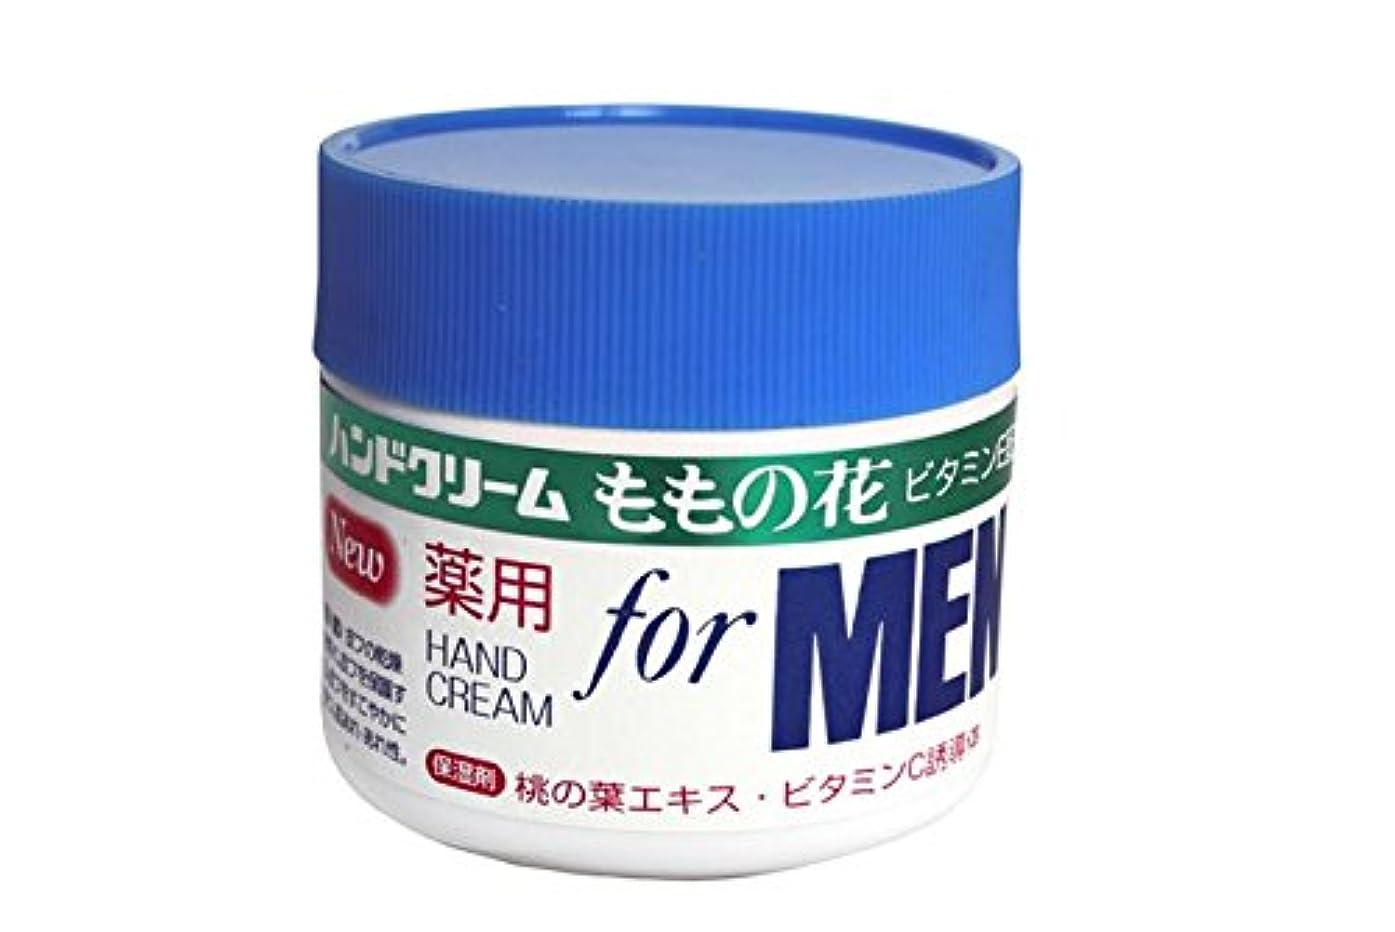 チャット細胞配管工ももの花 薬用 ハンドクリーム for MEN 70g